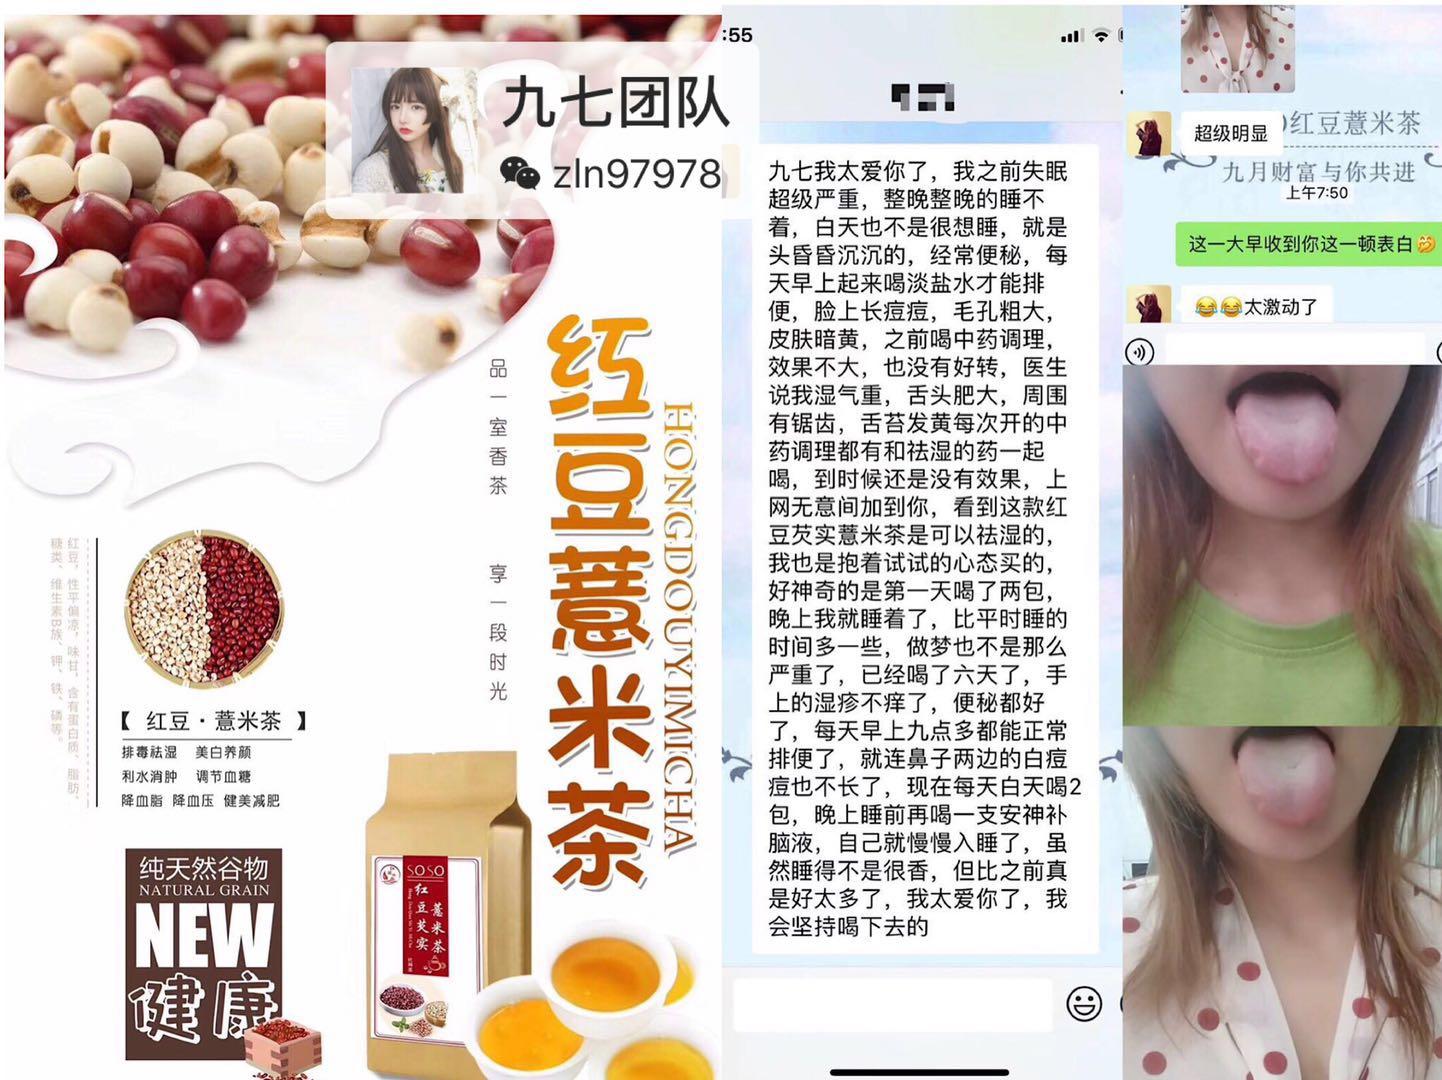 红豆薏米芡实茶适宜什么样的人群?治疗便秘的吗?